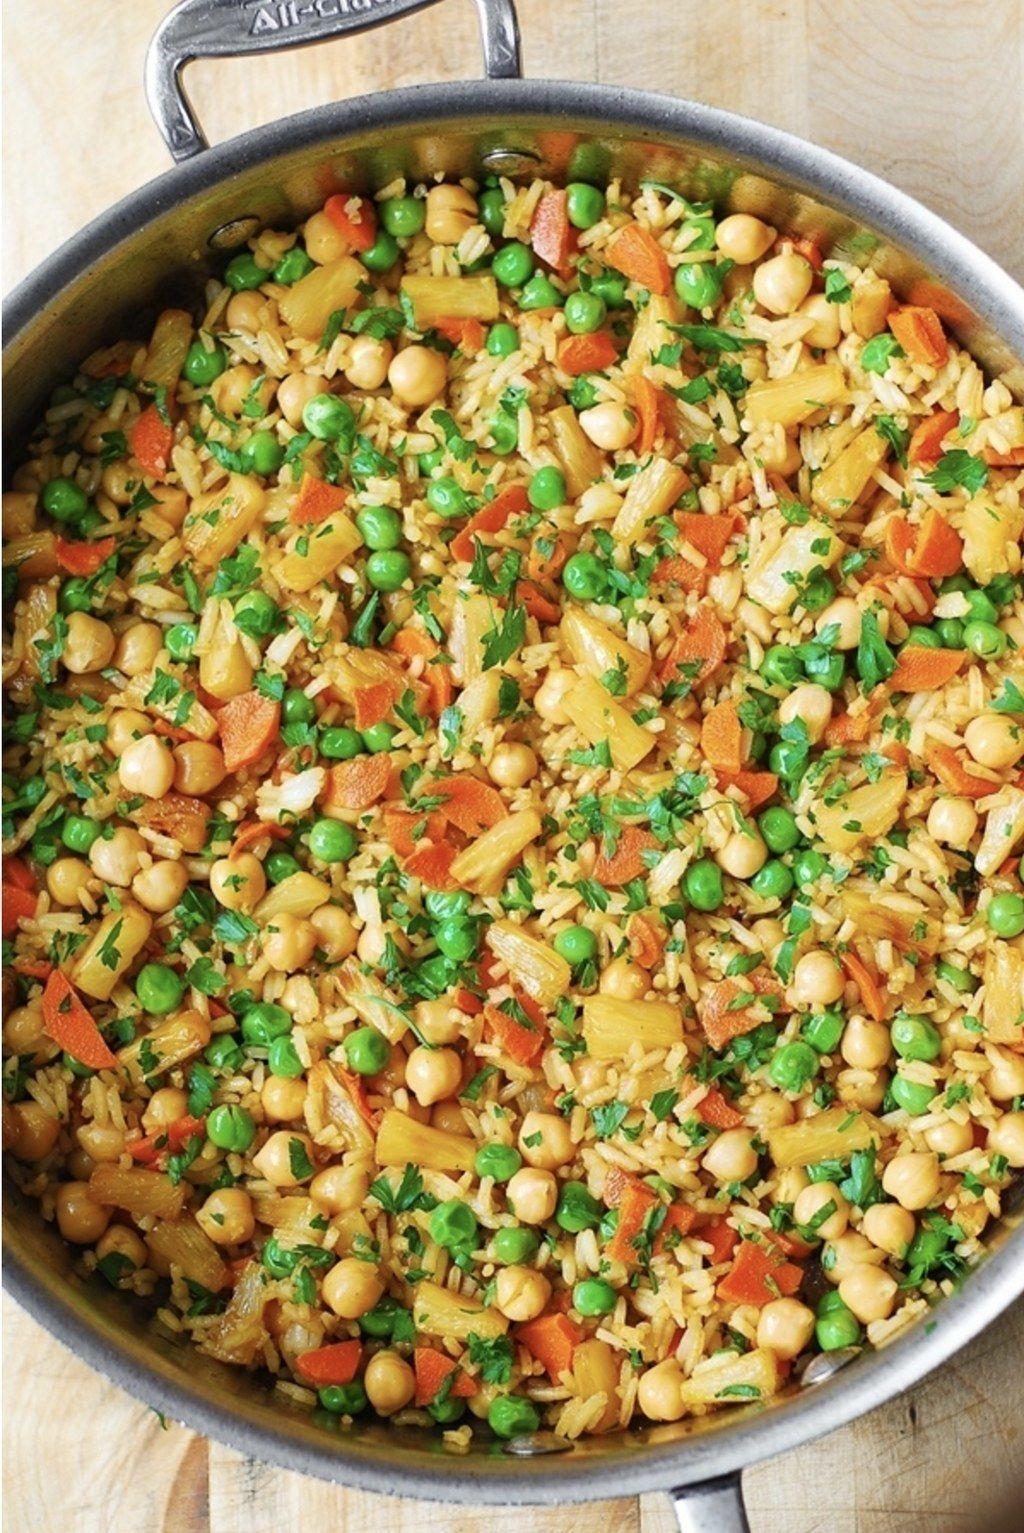 Repas Du Soir Sans Viande : repas, viande, Recettes, Débordantes, Protéines, Viande, Idée, Repas, Végétarien,, Recette, Viande,